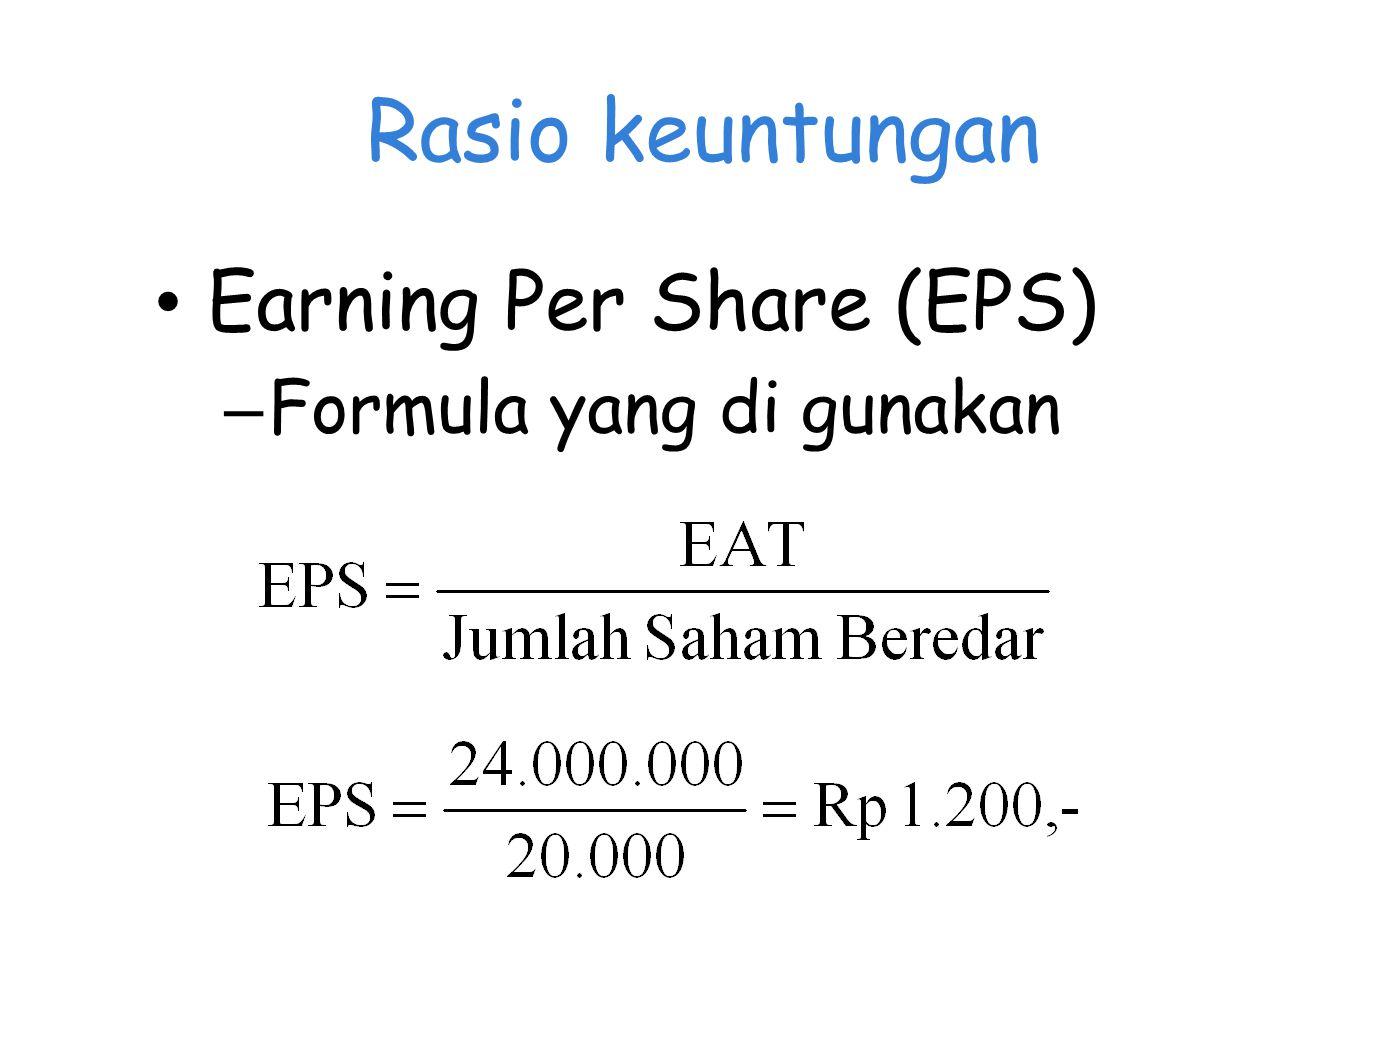 Rasio keuntungan Earning Per Share (EPS) – Formula yang di gunakan